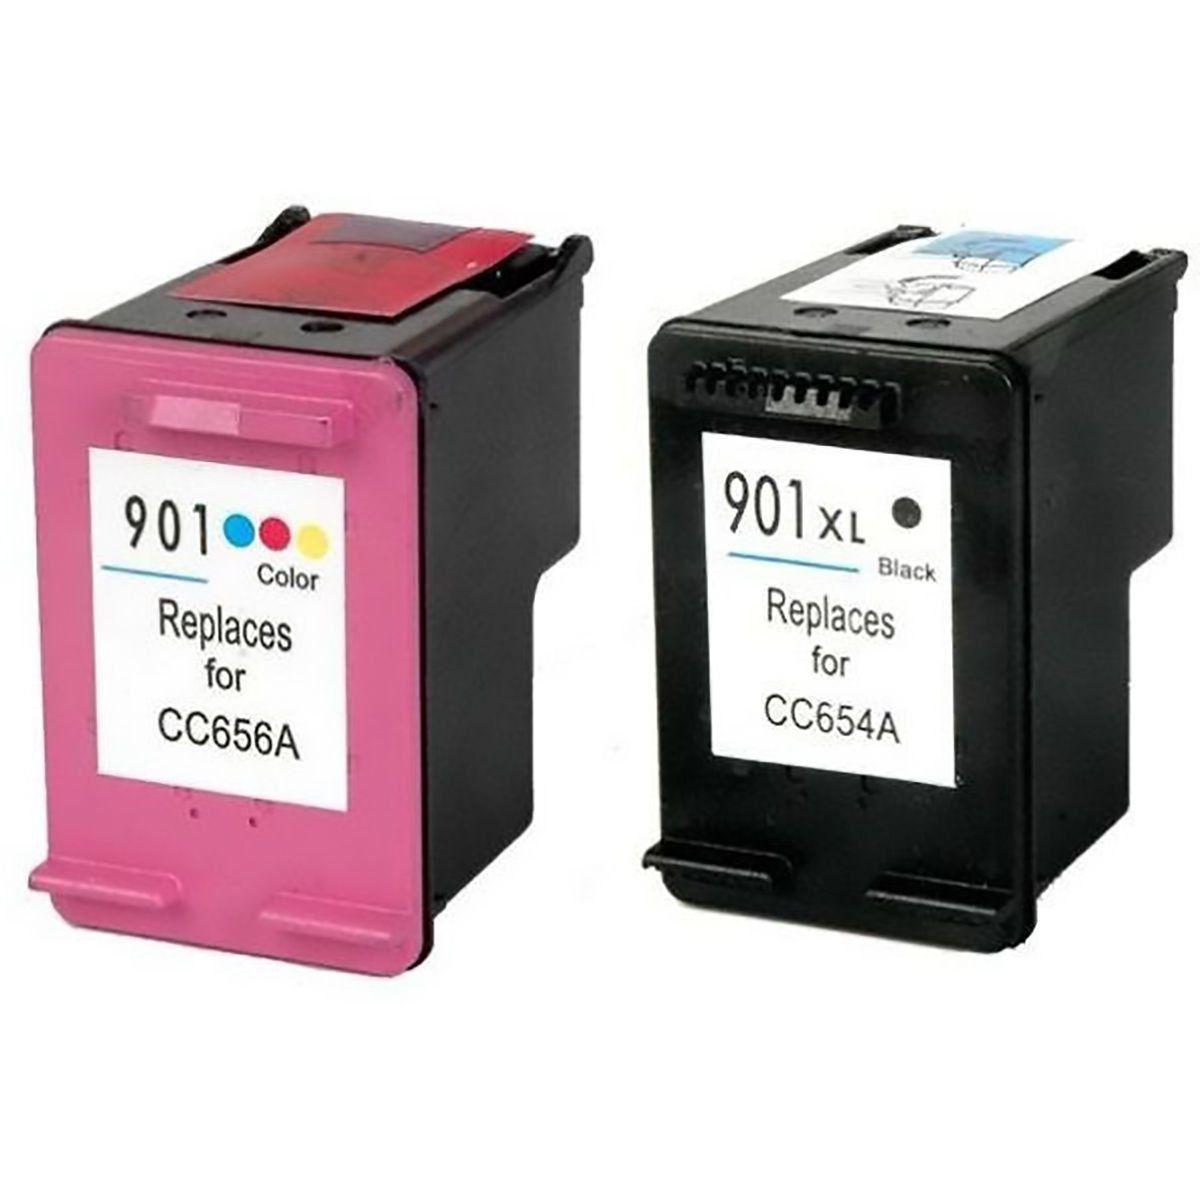 Compatível: Kit Colorido de Cartucho de Tinta 901 para Impressora HP J4540 J4550 J4580 J4680 J4660 J4500 4540